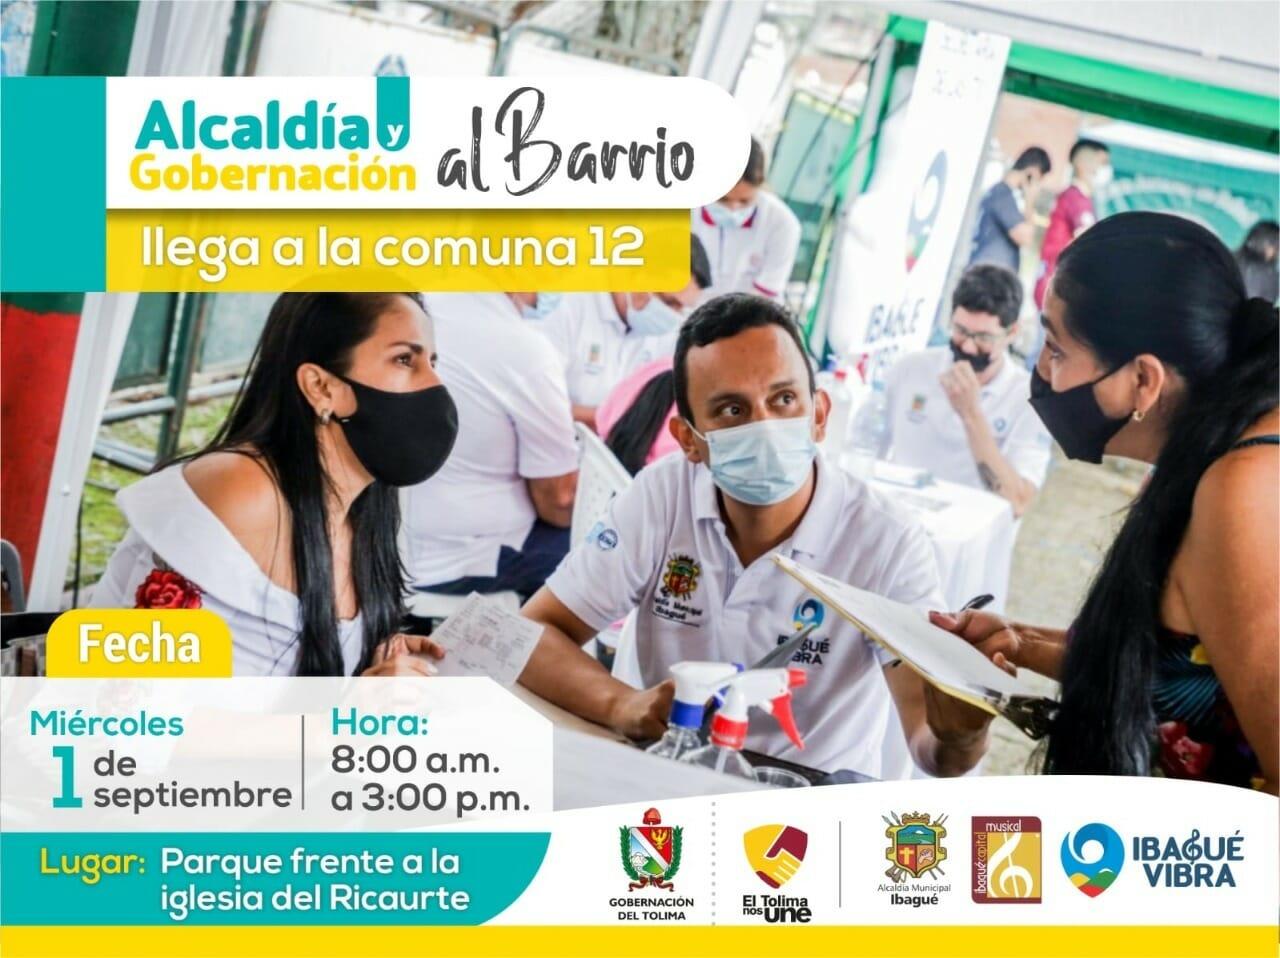 Hoy jornada de 'Alcaldía y Gobernación al Barrio' en la Comuna Doce.. 1